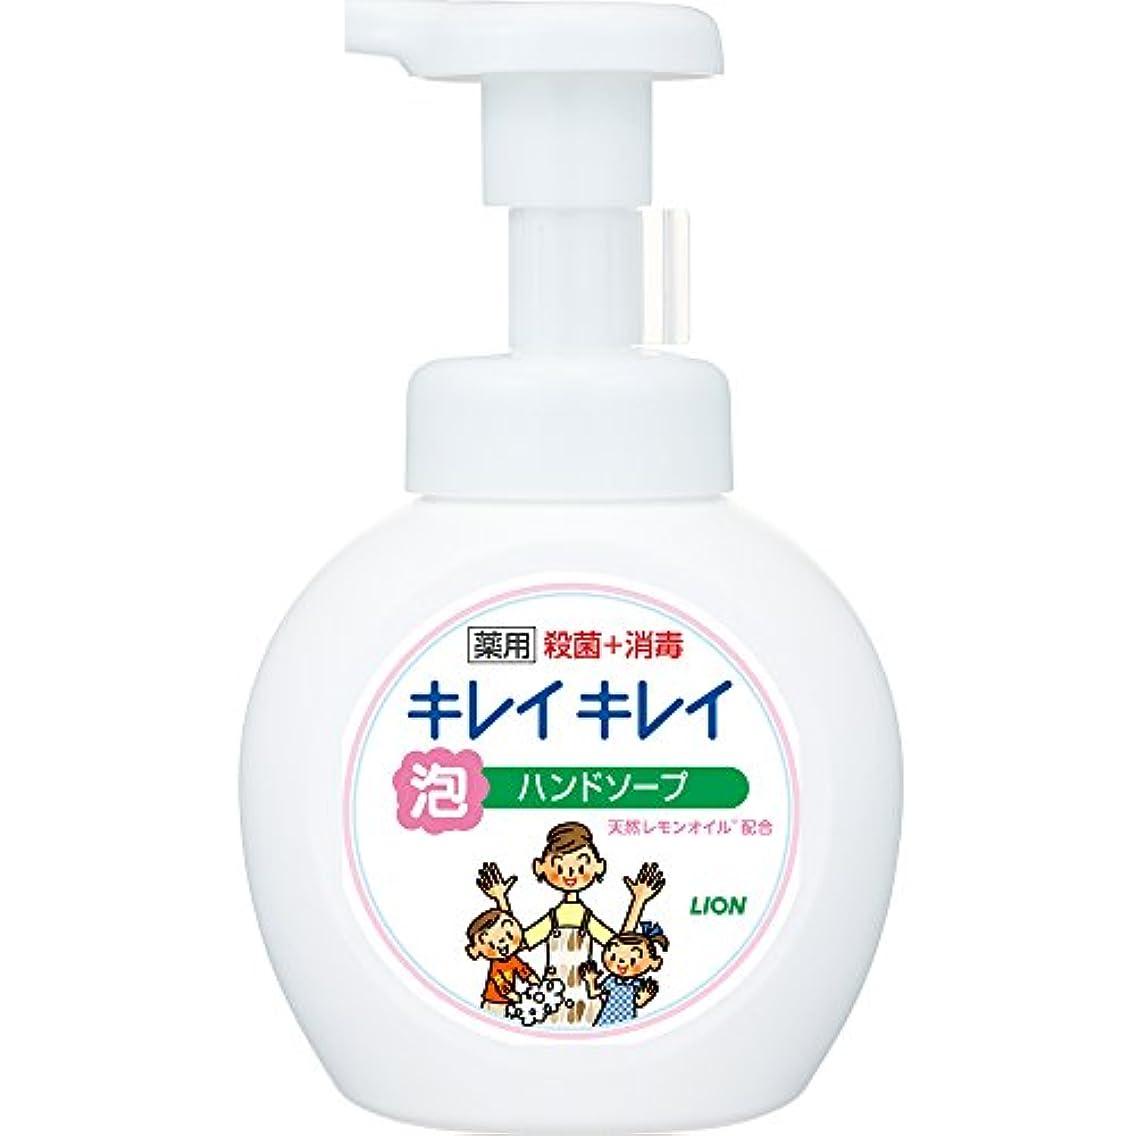 生まれエアコンどうやってキレイキレイ 薬用 泡ハンドソープ シトラスフルーティの香り 本体ポンプ 250ml(医薬部外品)